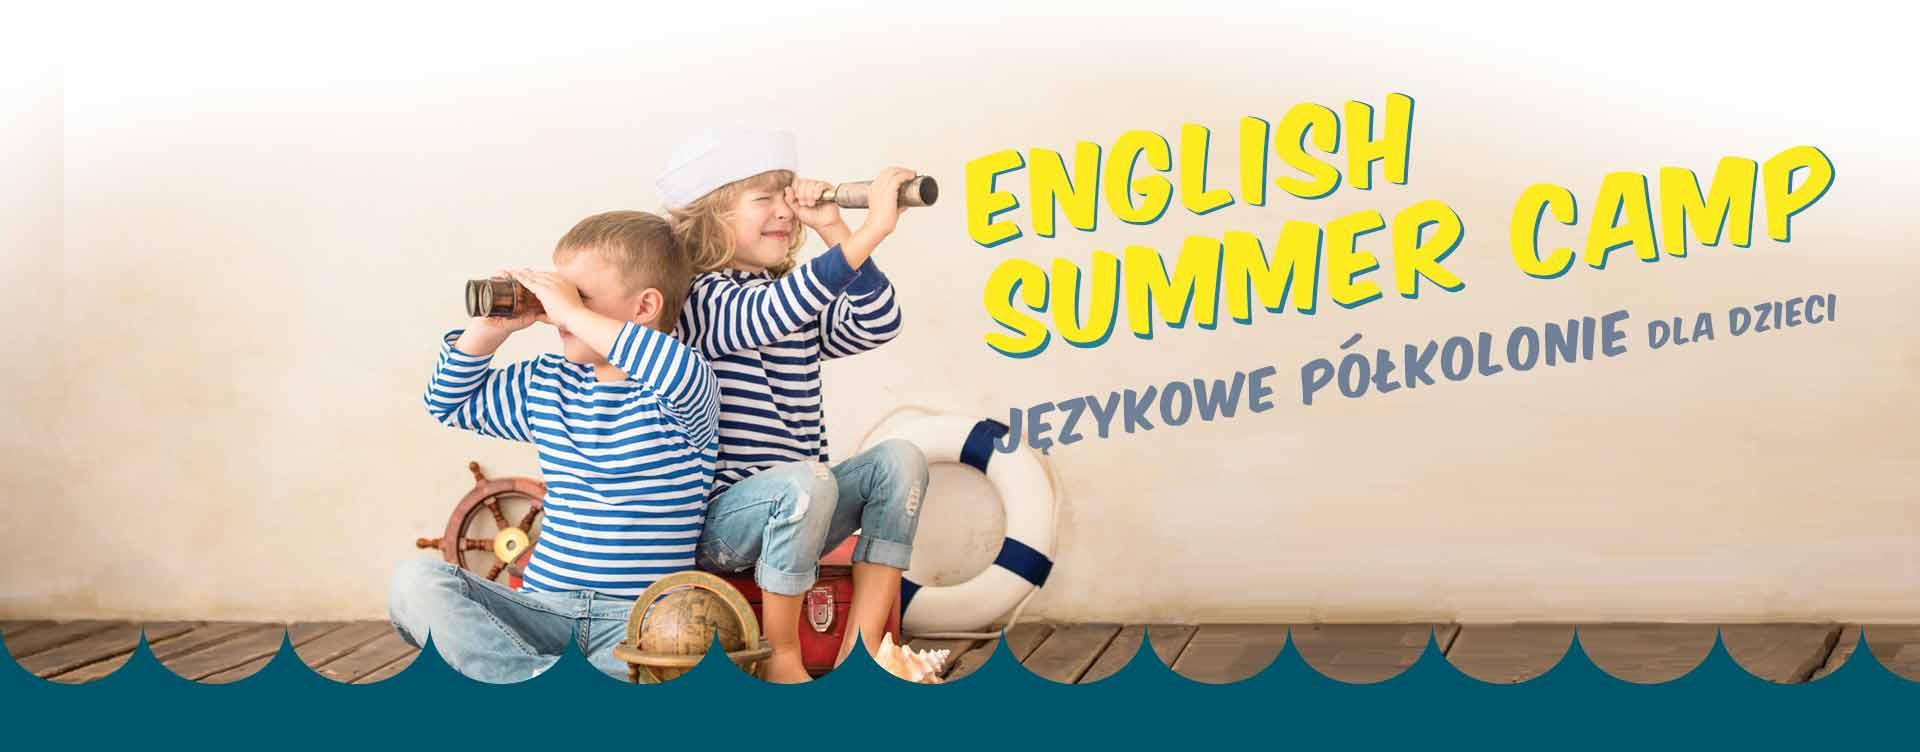 Summer Camp - półkolonie językowe dla dzieci